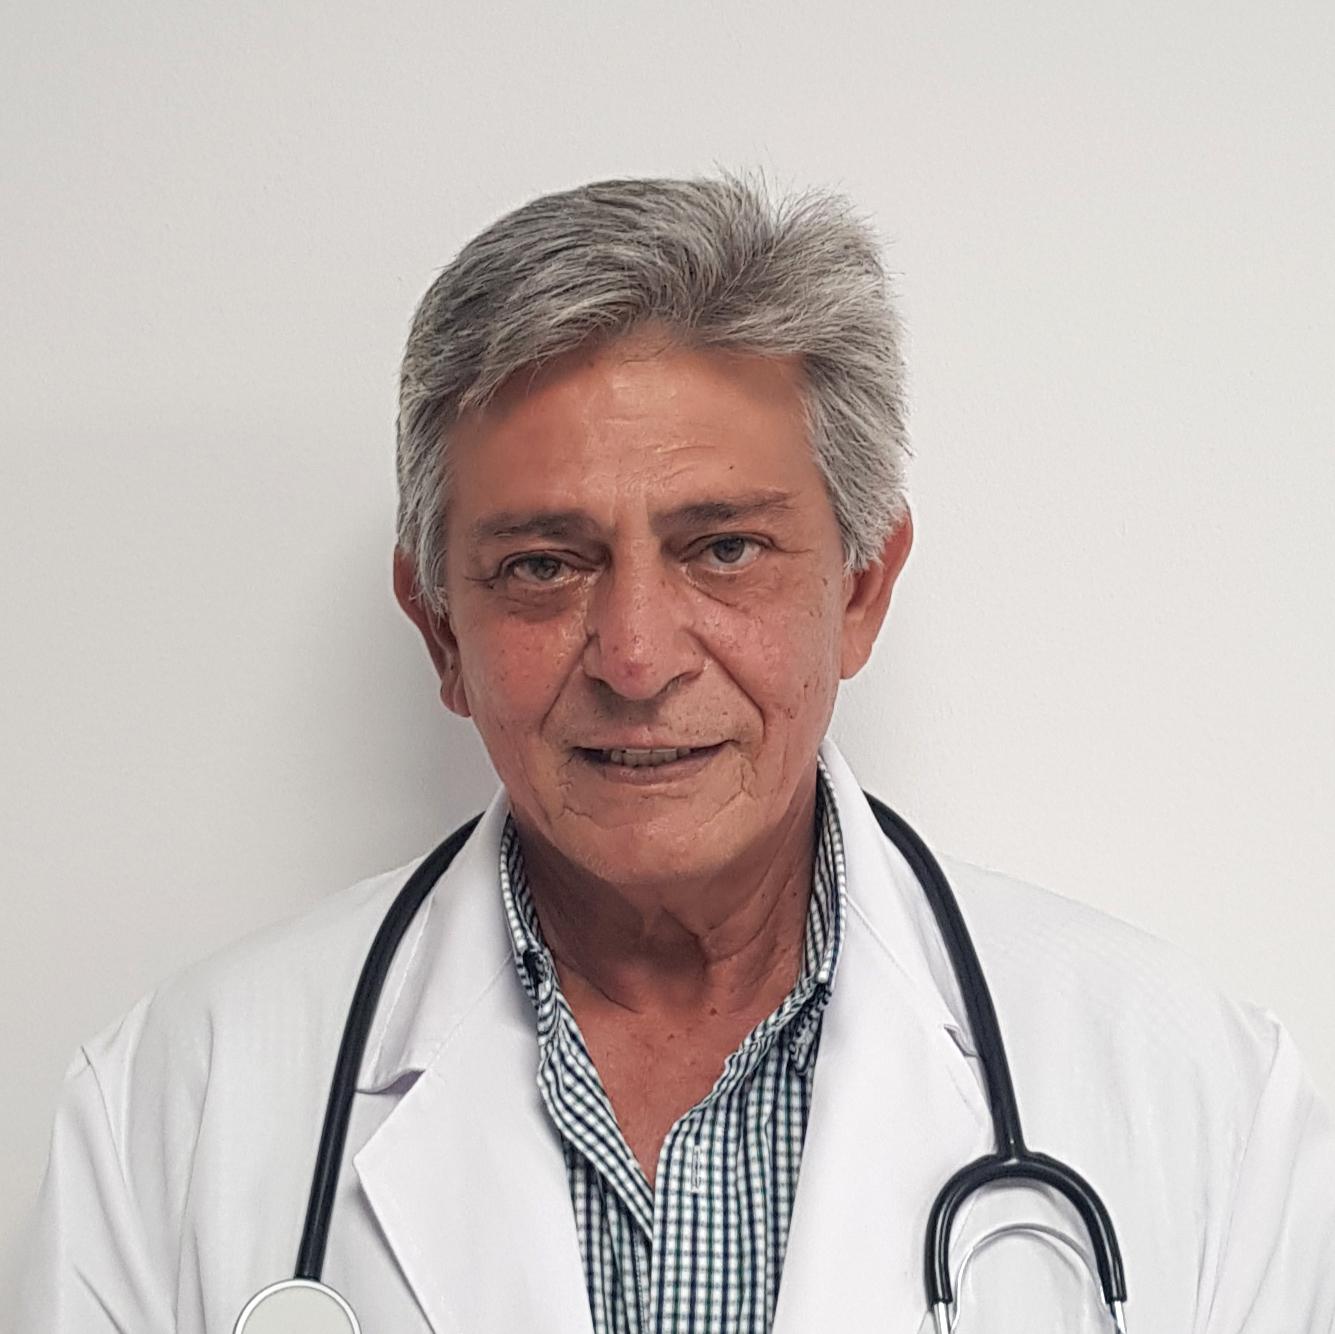 Enrique Hernández Ortega